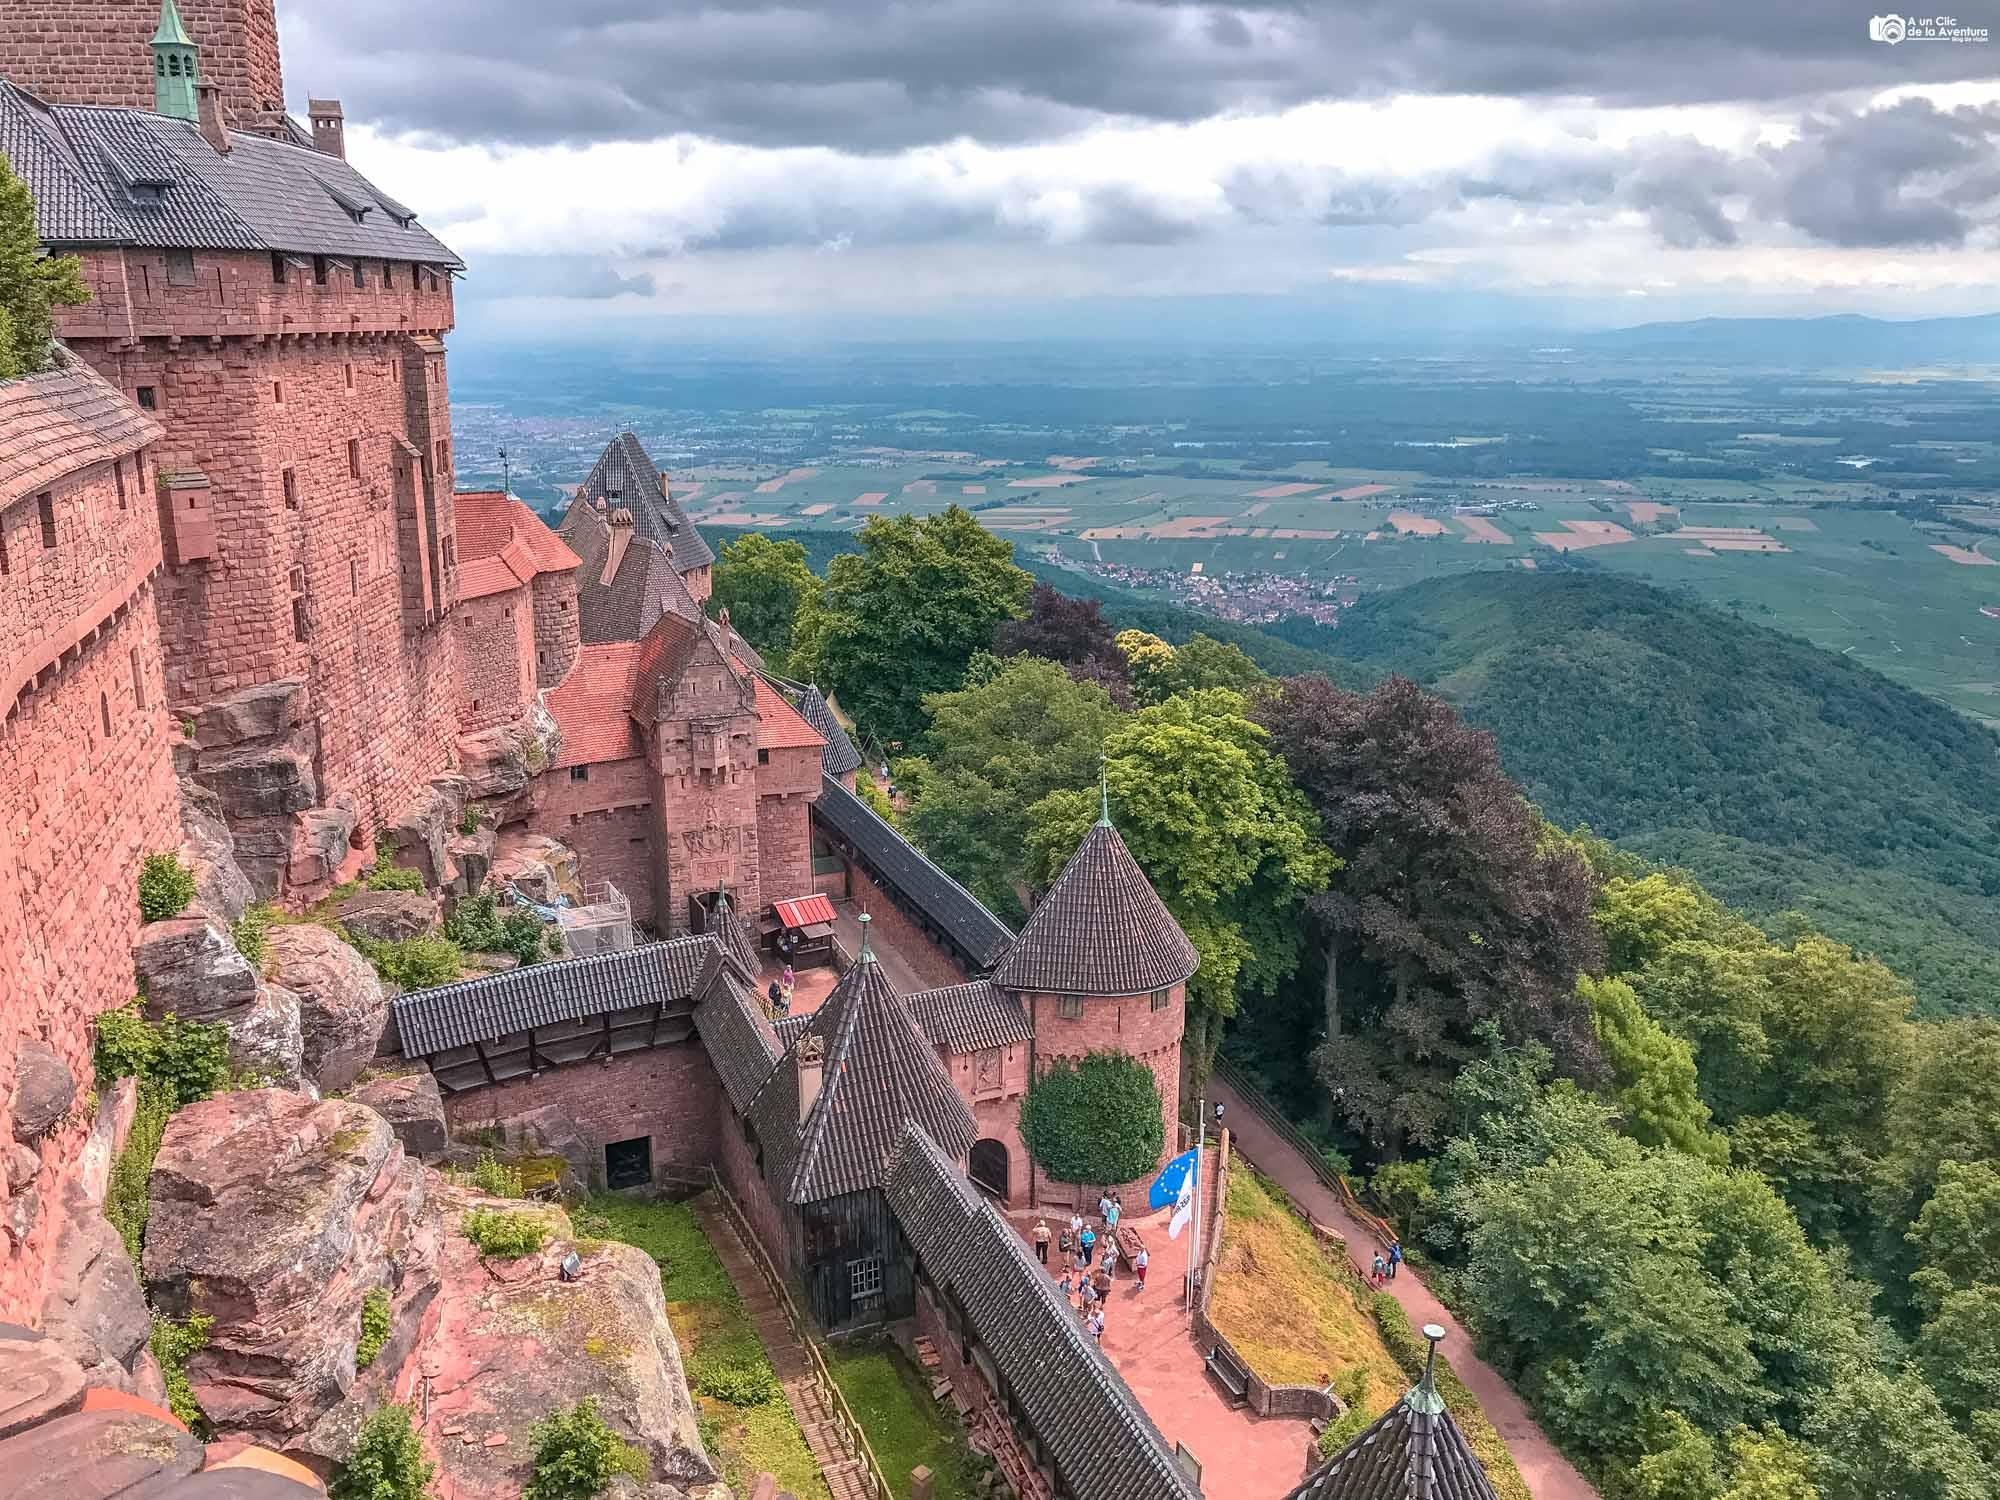 Vistas desde el Gran Bastión del Castillo de Haut-Koenigsbourg